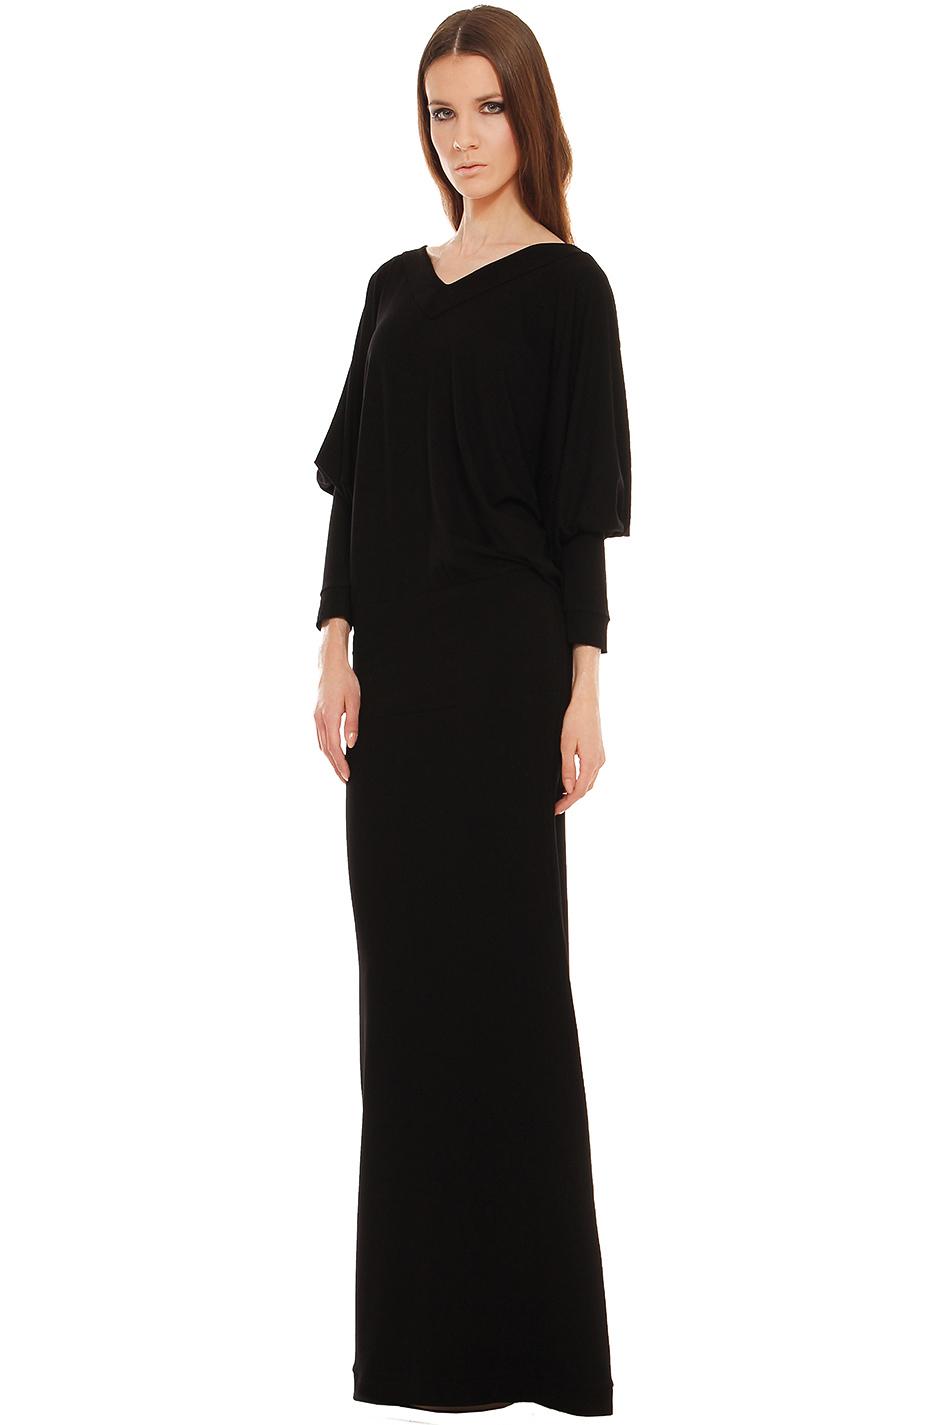 e39aebda79 Sukienka maxi z luźną górą czarna